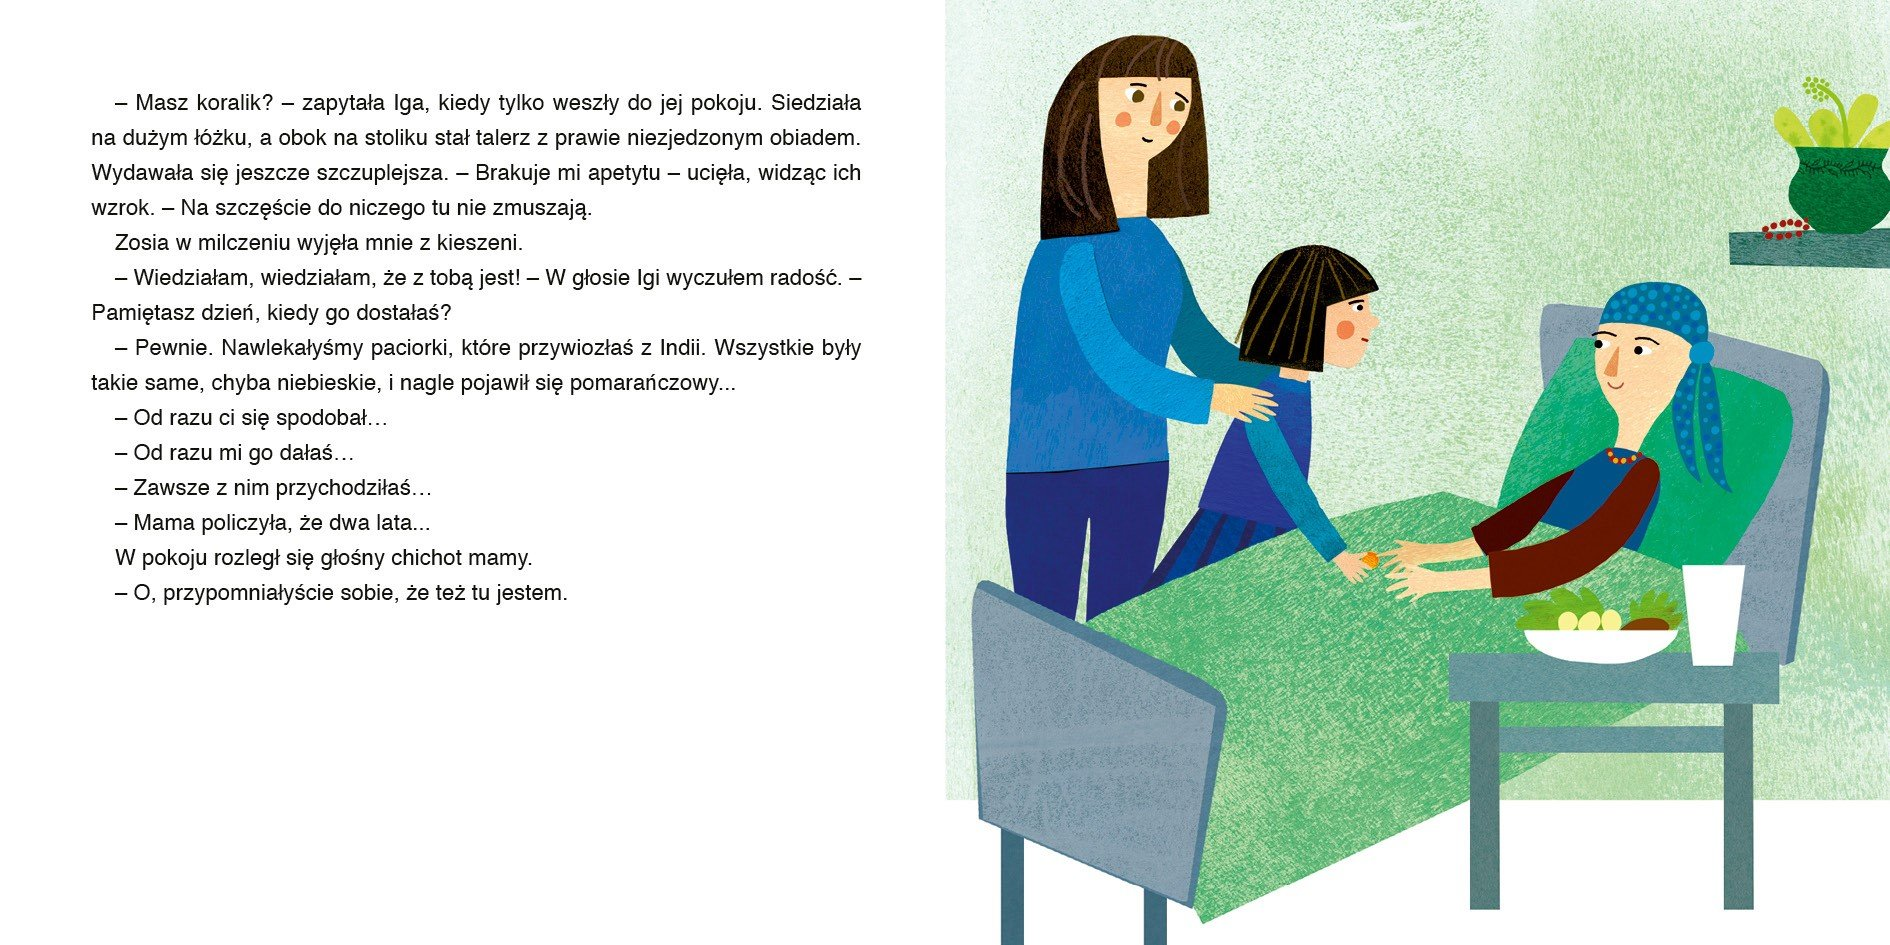 Koralikowa historia - książka z myślą o dzieciach, które straciły bliską osobę